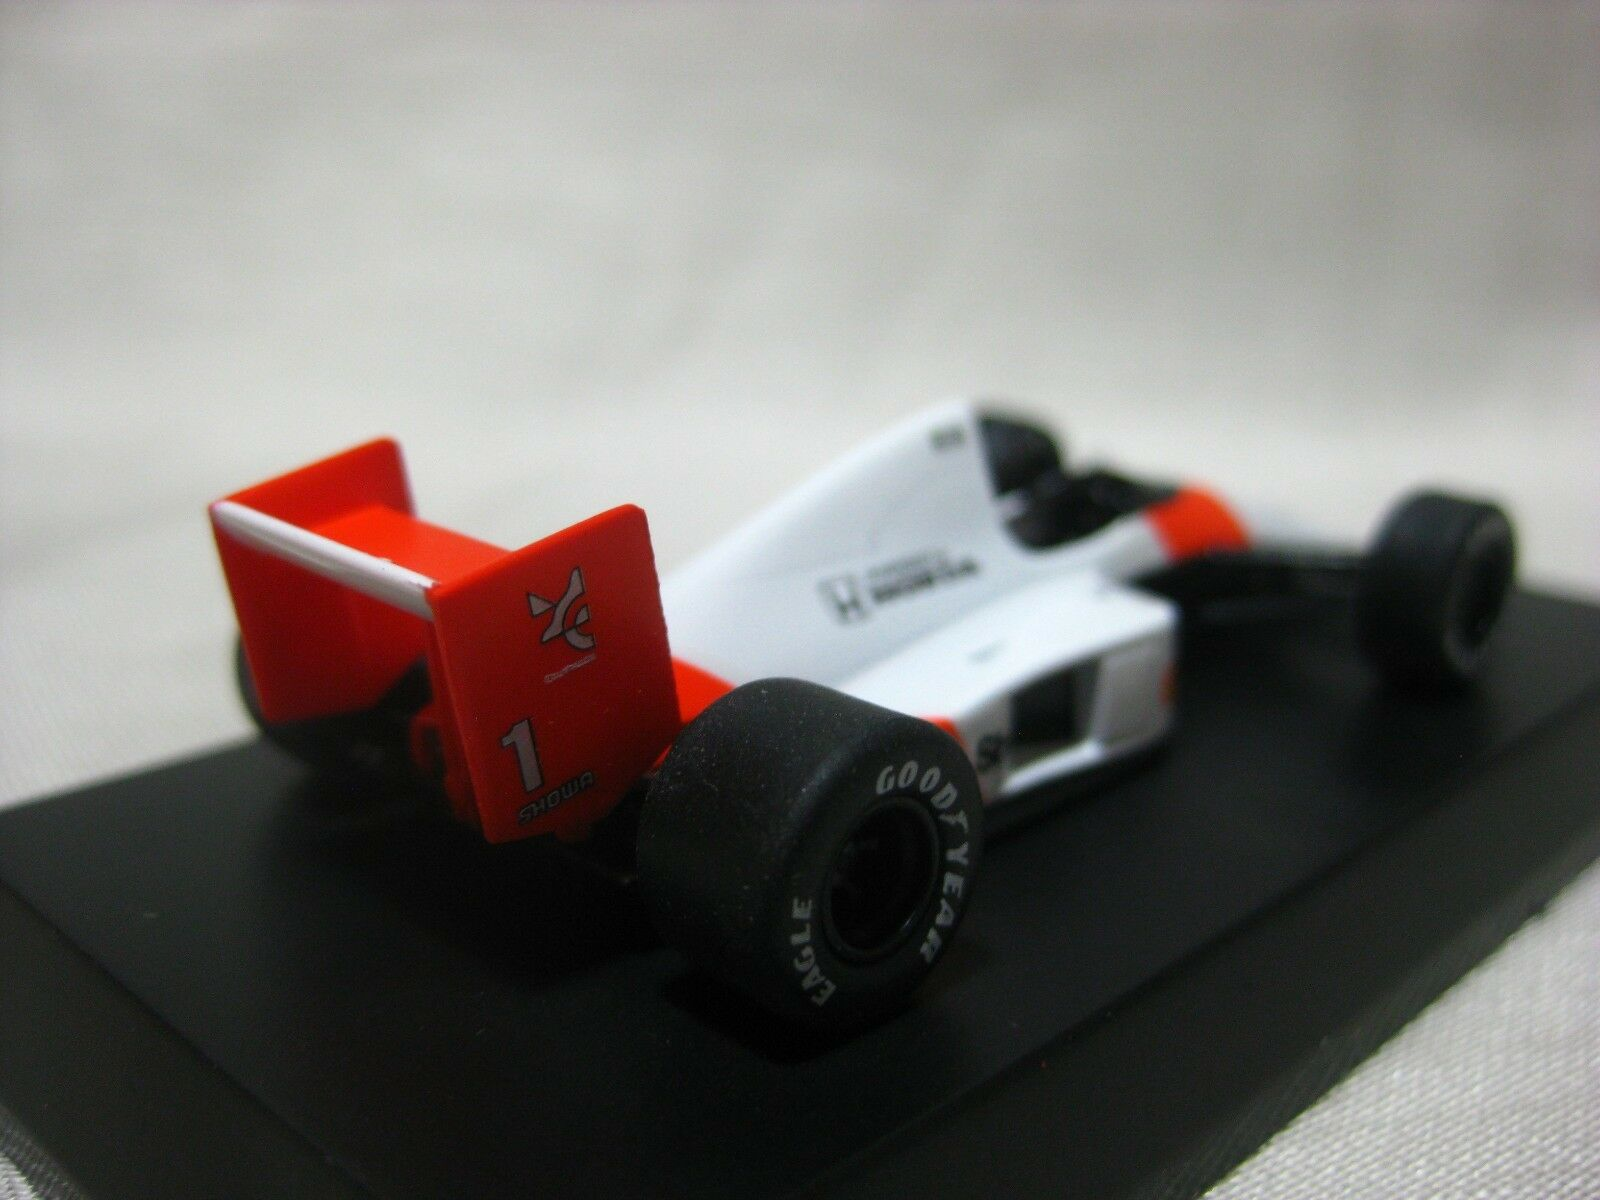 1 64 Kyosho McLaren McLaren McLaren MP4 5 No.1 Coche Modelo Diecast 7e0302